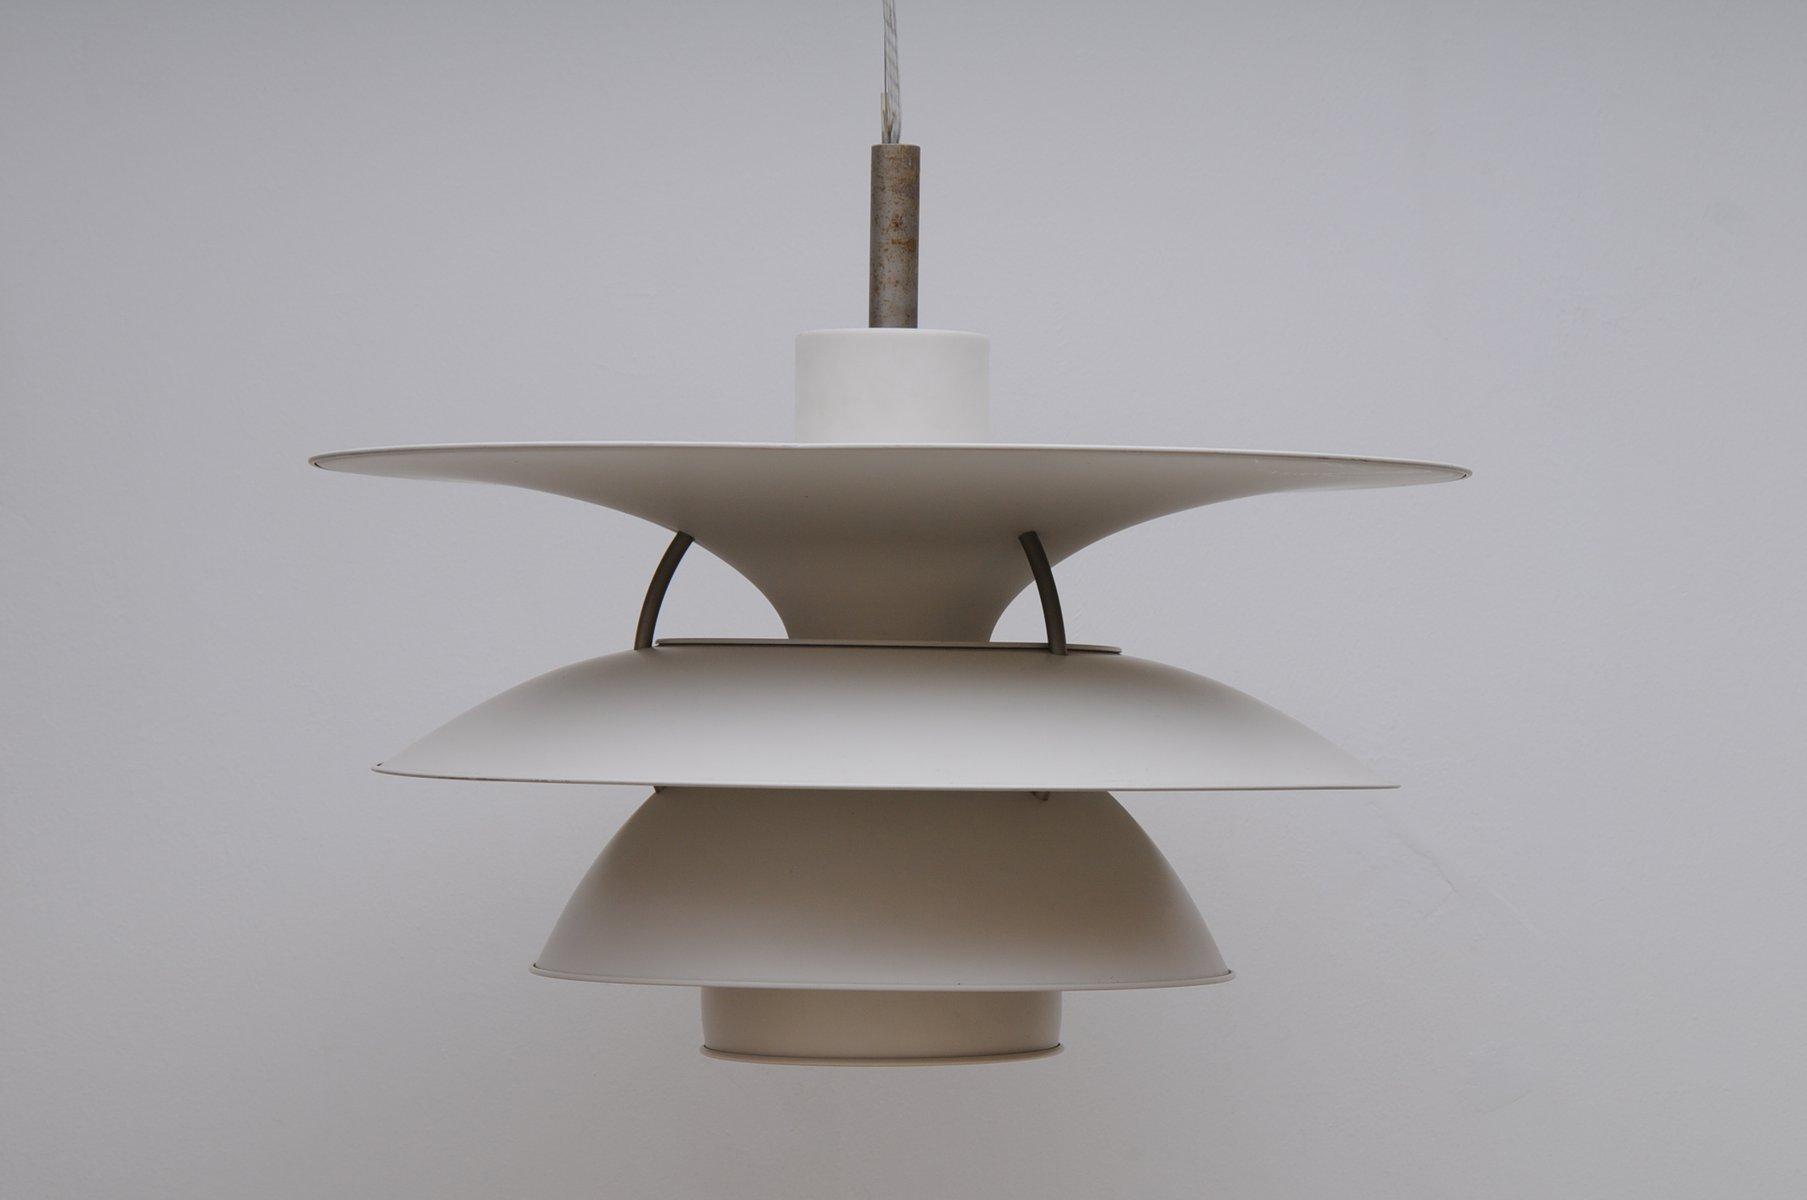 vintage-ph-6-1-2-haengelampe-von-poul-henningsen-fuer-louis-poulsen-1 Schöne Lampe Mit Mehreren Lampenschirmen Dekorationen